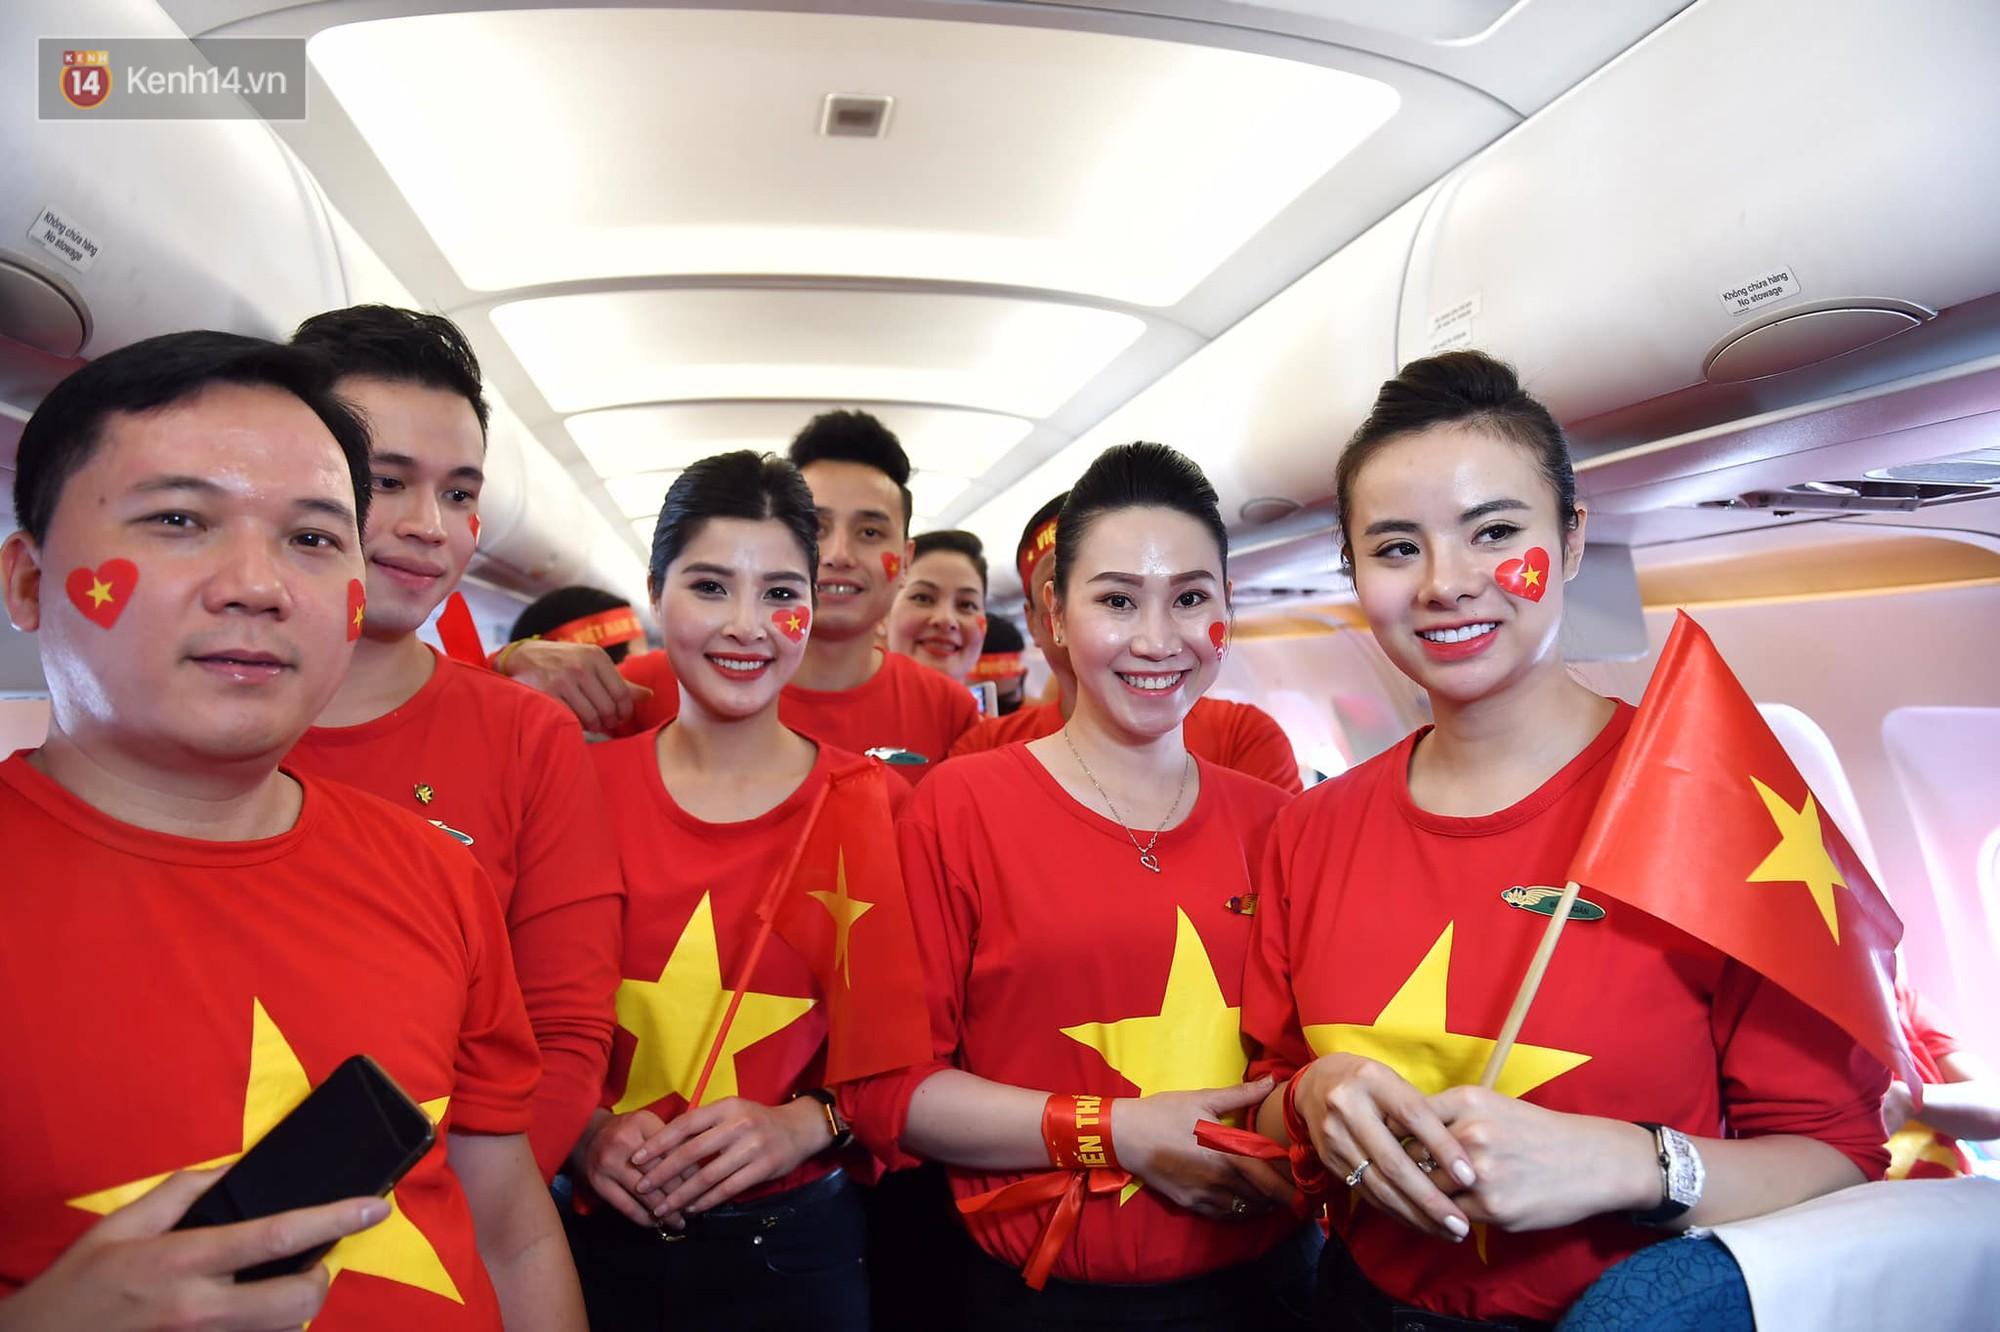 CĐV Việt Nam cùng nhau hát Quốc ca ở độ cao 10.000m, hết mình cổ vũ cho ĐT nước nhà trong trận chung kết AFF Cup 2018 5